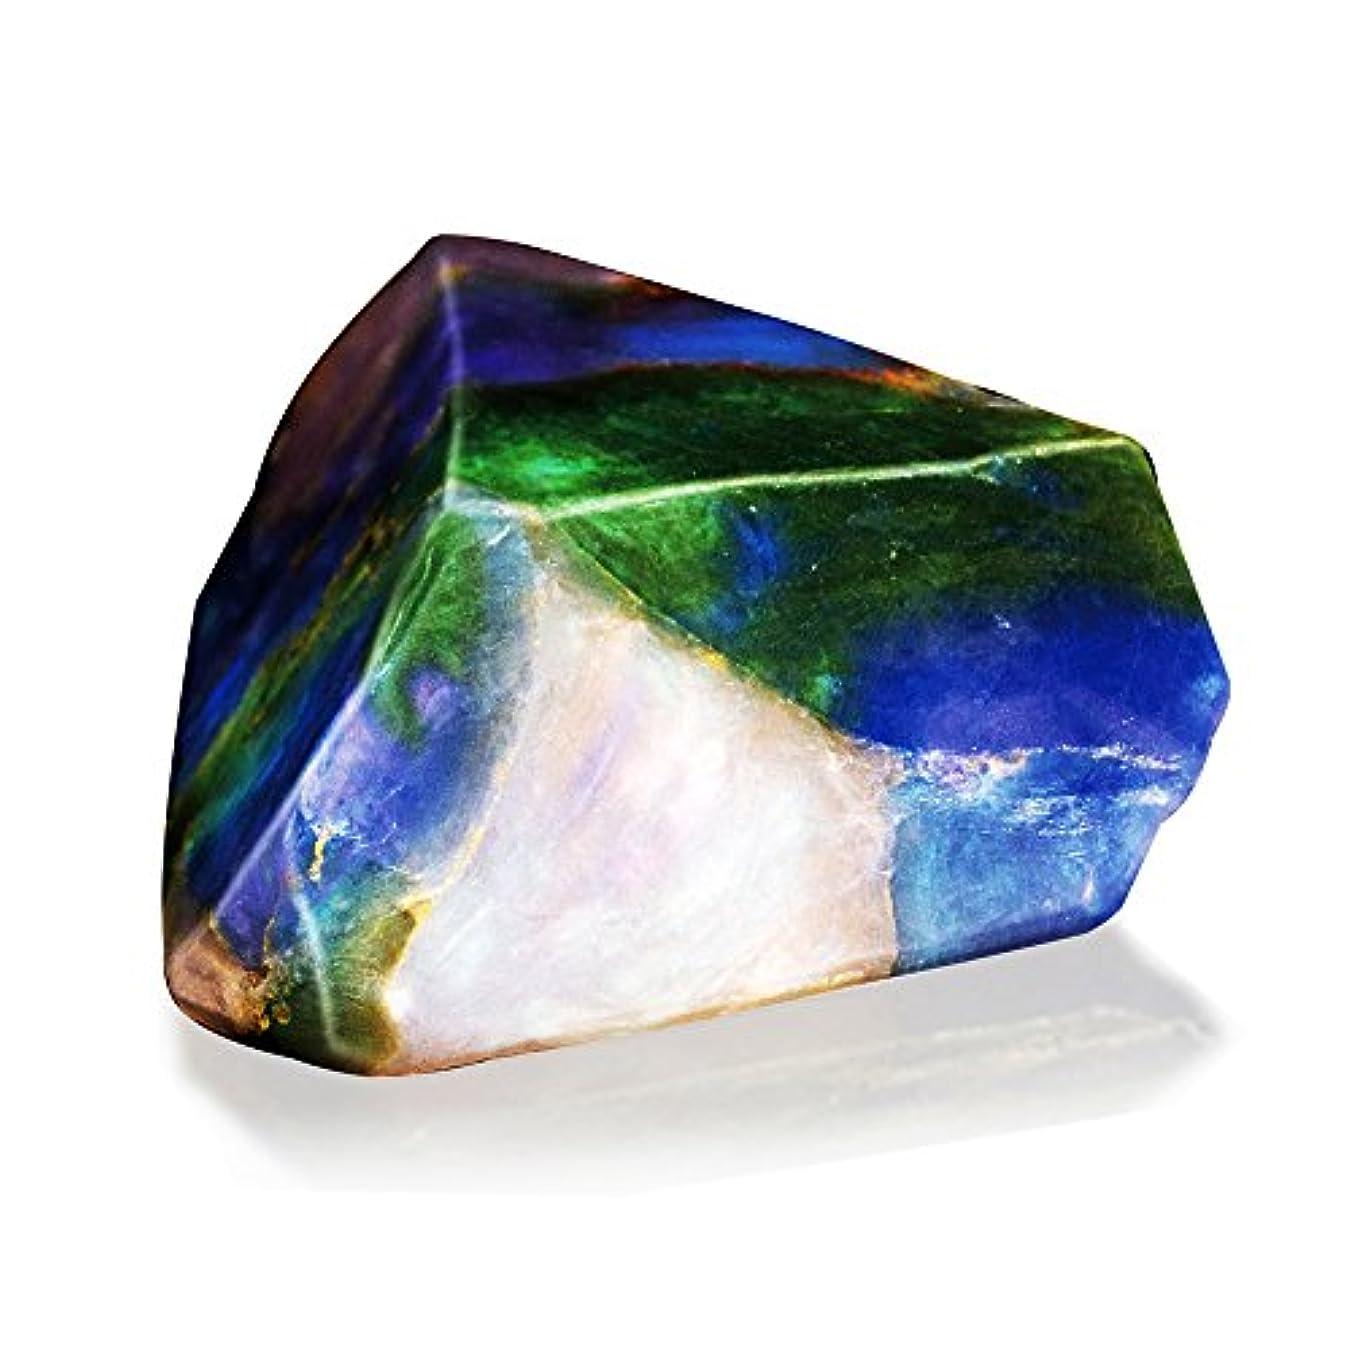 思い出させる反対したスローSavons Gemme サボンジェム 世界で一番美しい宝石石鹸 フレグランス ソープ オパール ミニ 114g